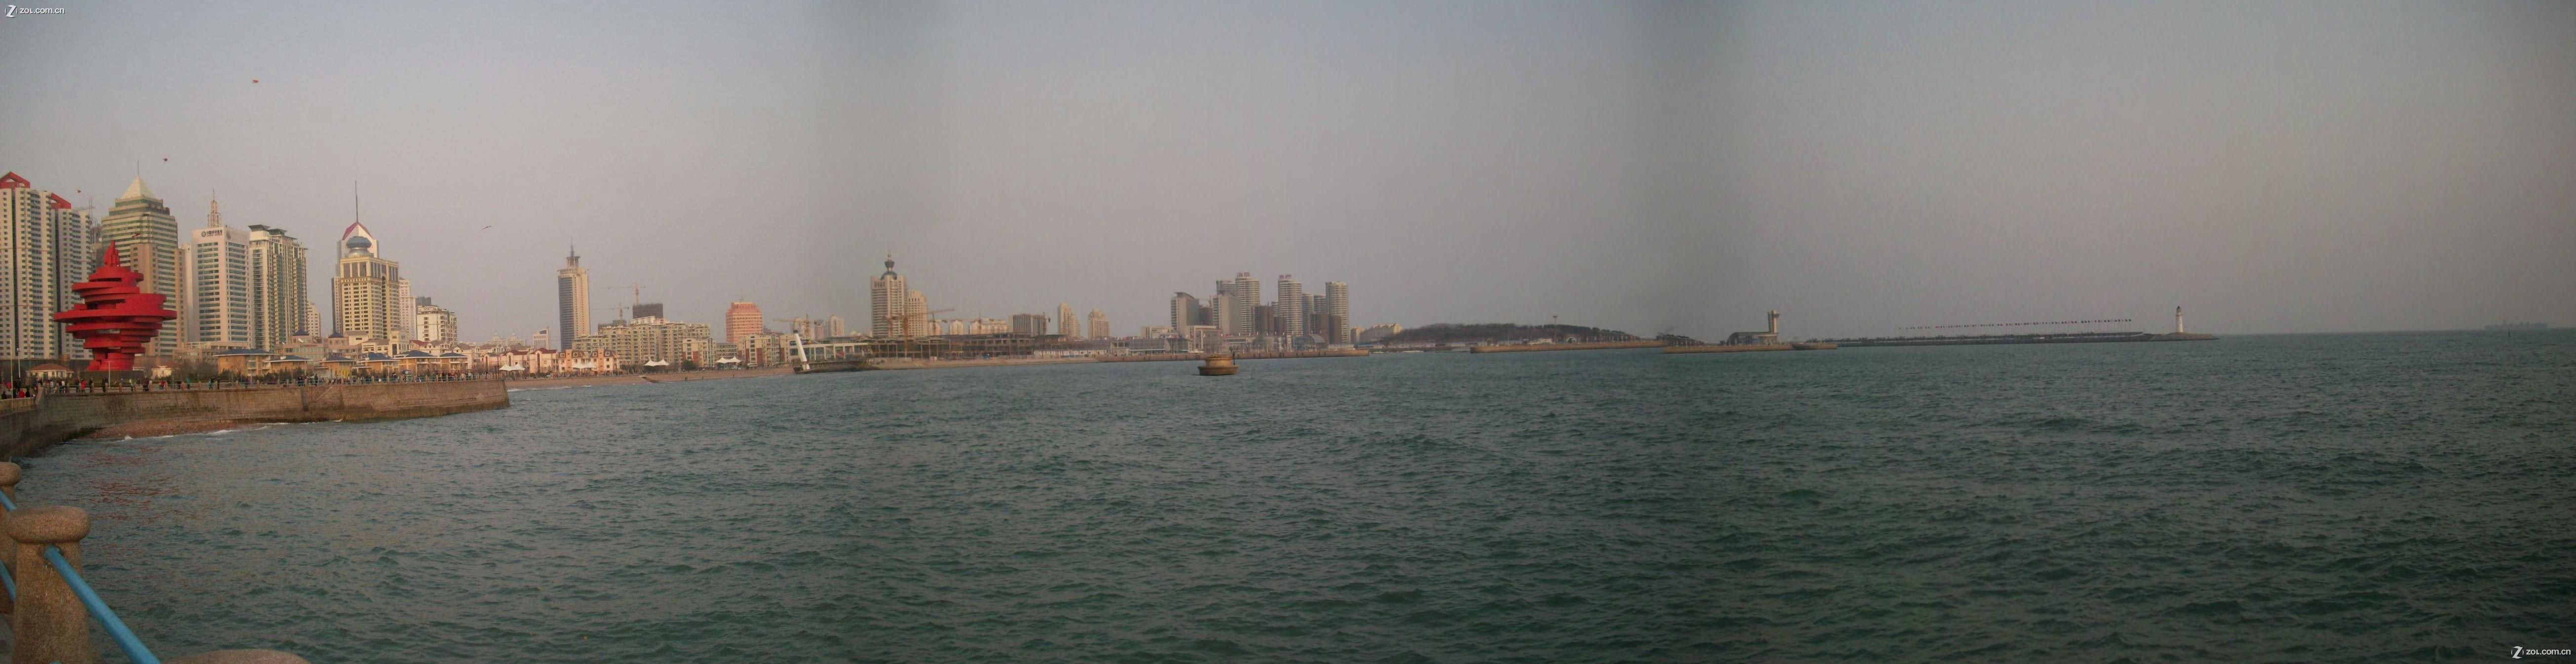 晒晒我照的青岛五四广场和奥帆赛场(用m853从左向右接图三幅)